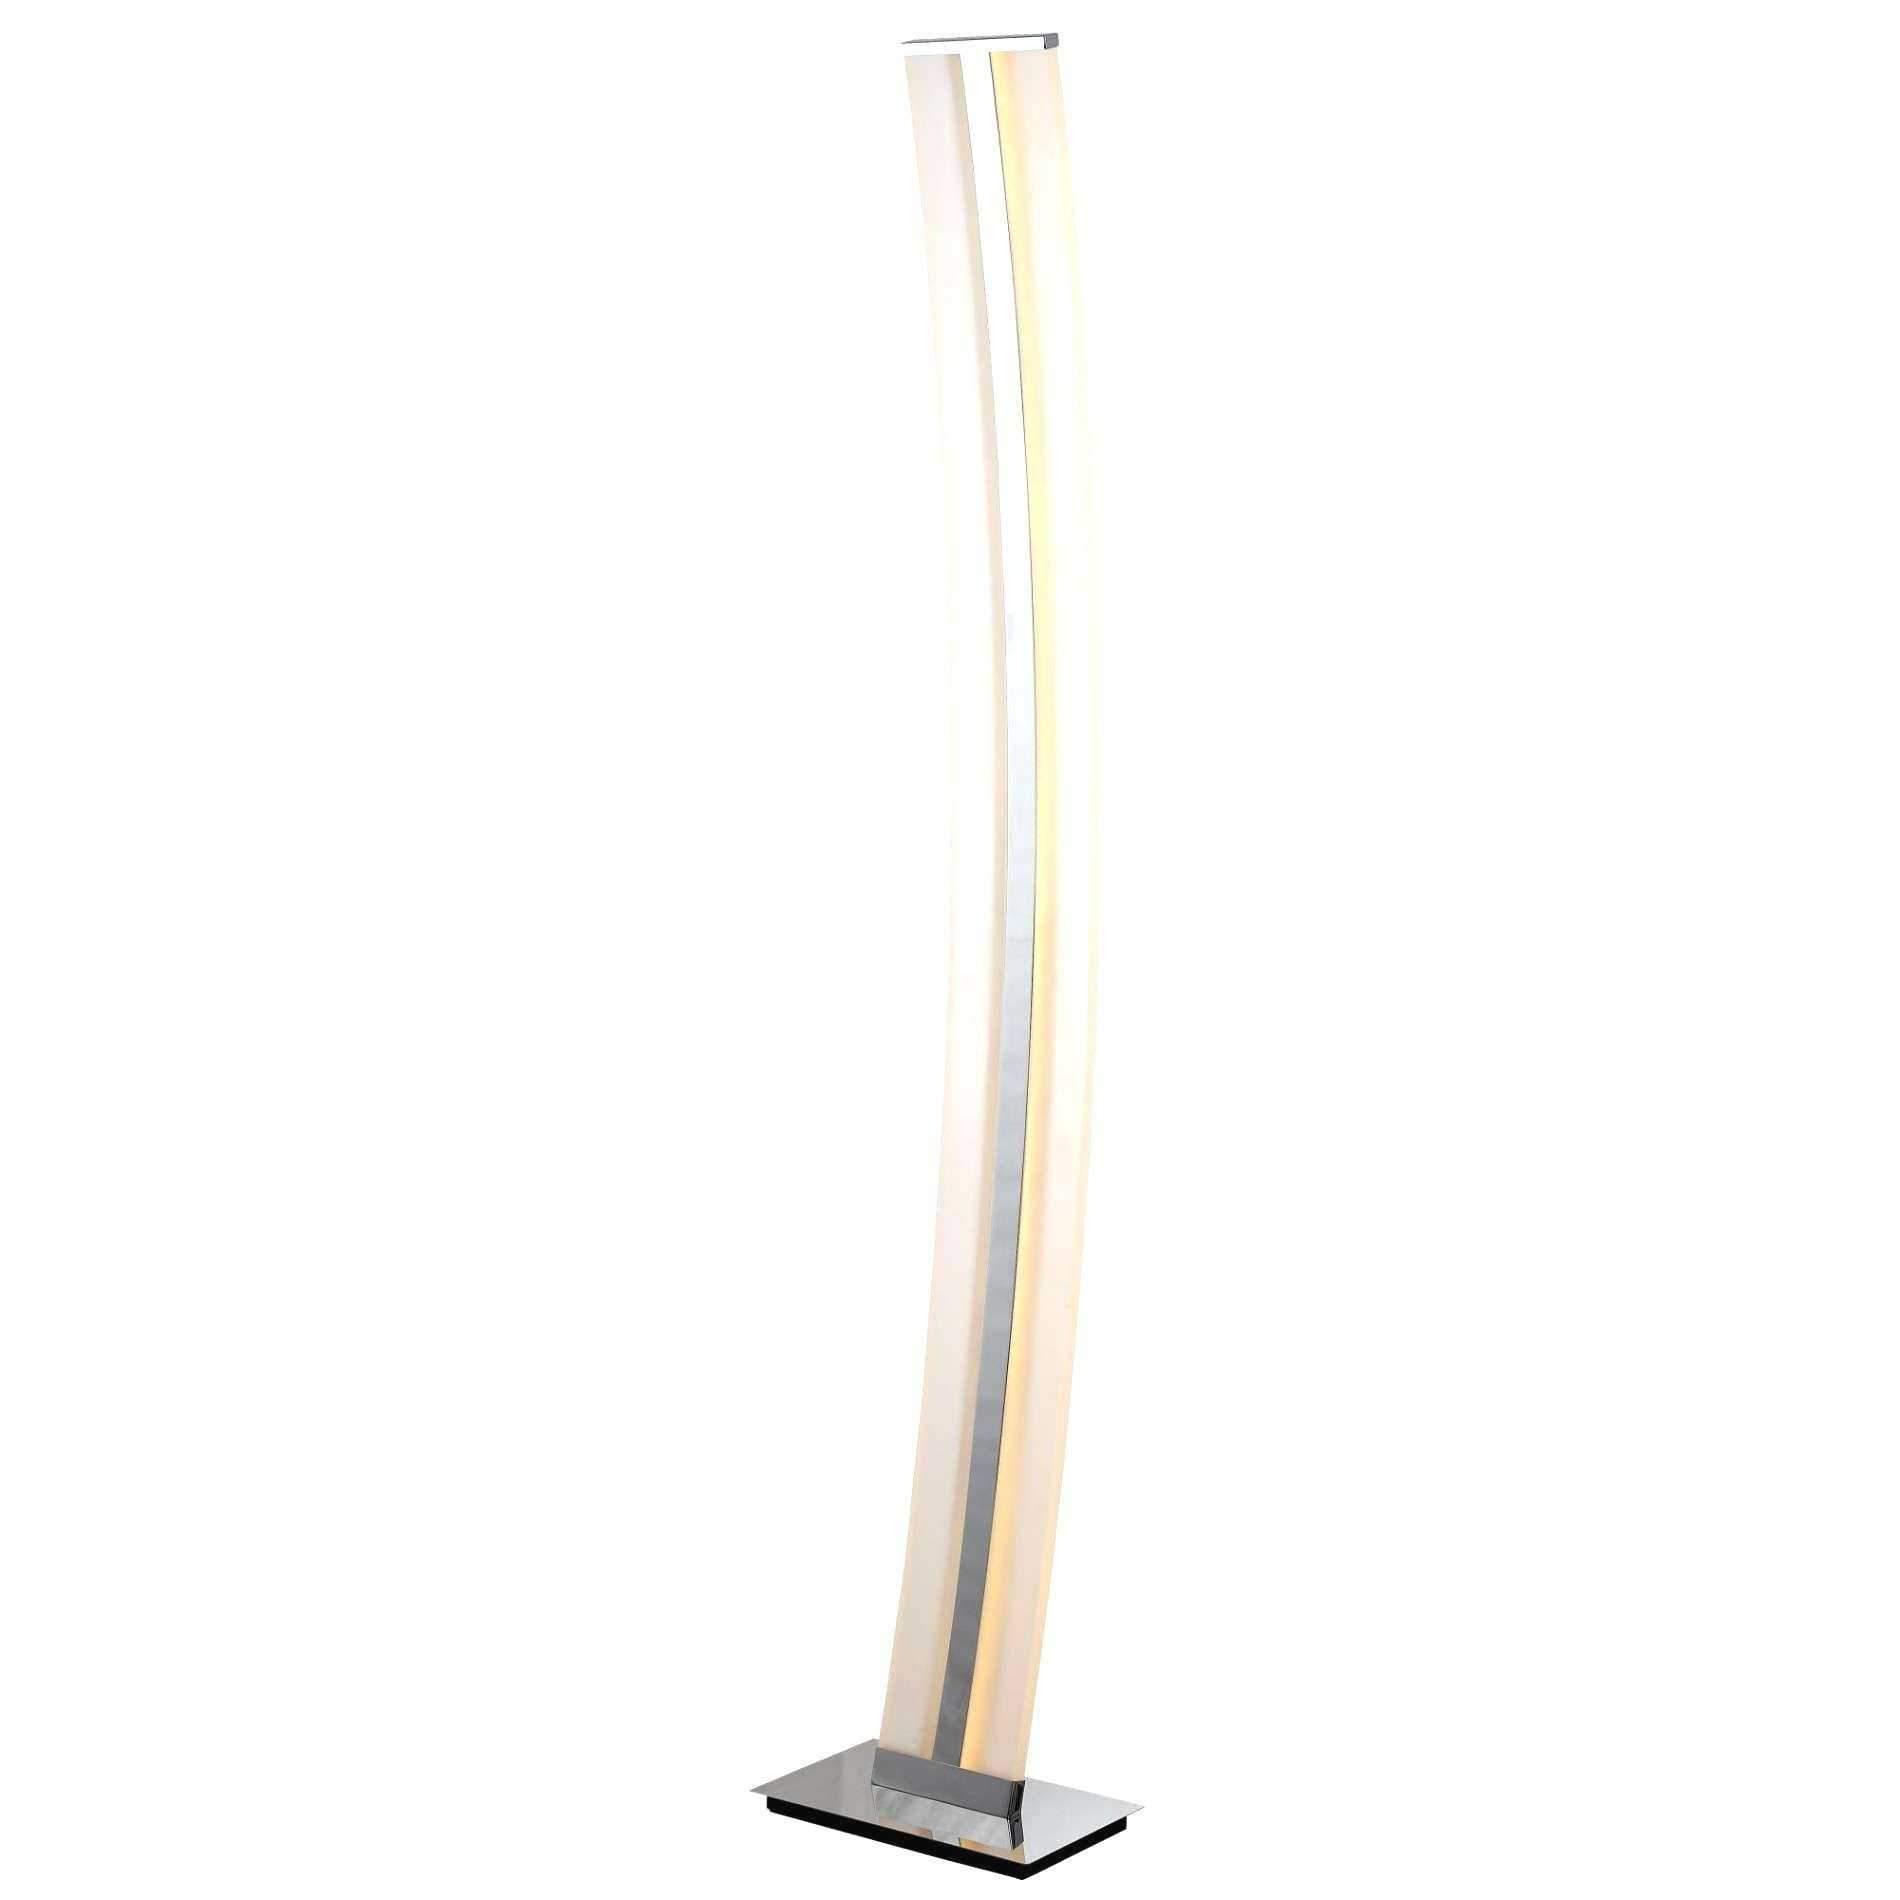 Full Size of Ikea Stehlampe Lampenschirm Papier Ersatzschirm Hektar Stehlampen Wohnzimmer Deckenfluter Dimmbar Stehleuchte Stehlampenschirm Reizend Standleuchte Küche Wohnzimmer Ikea Stehlampe